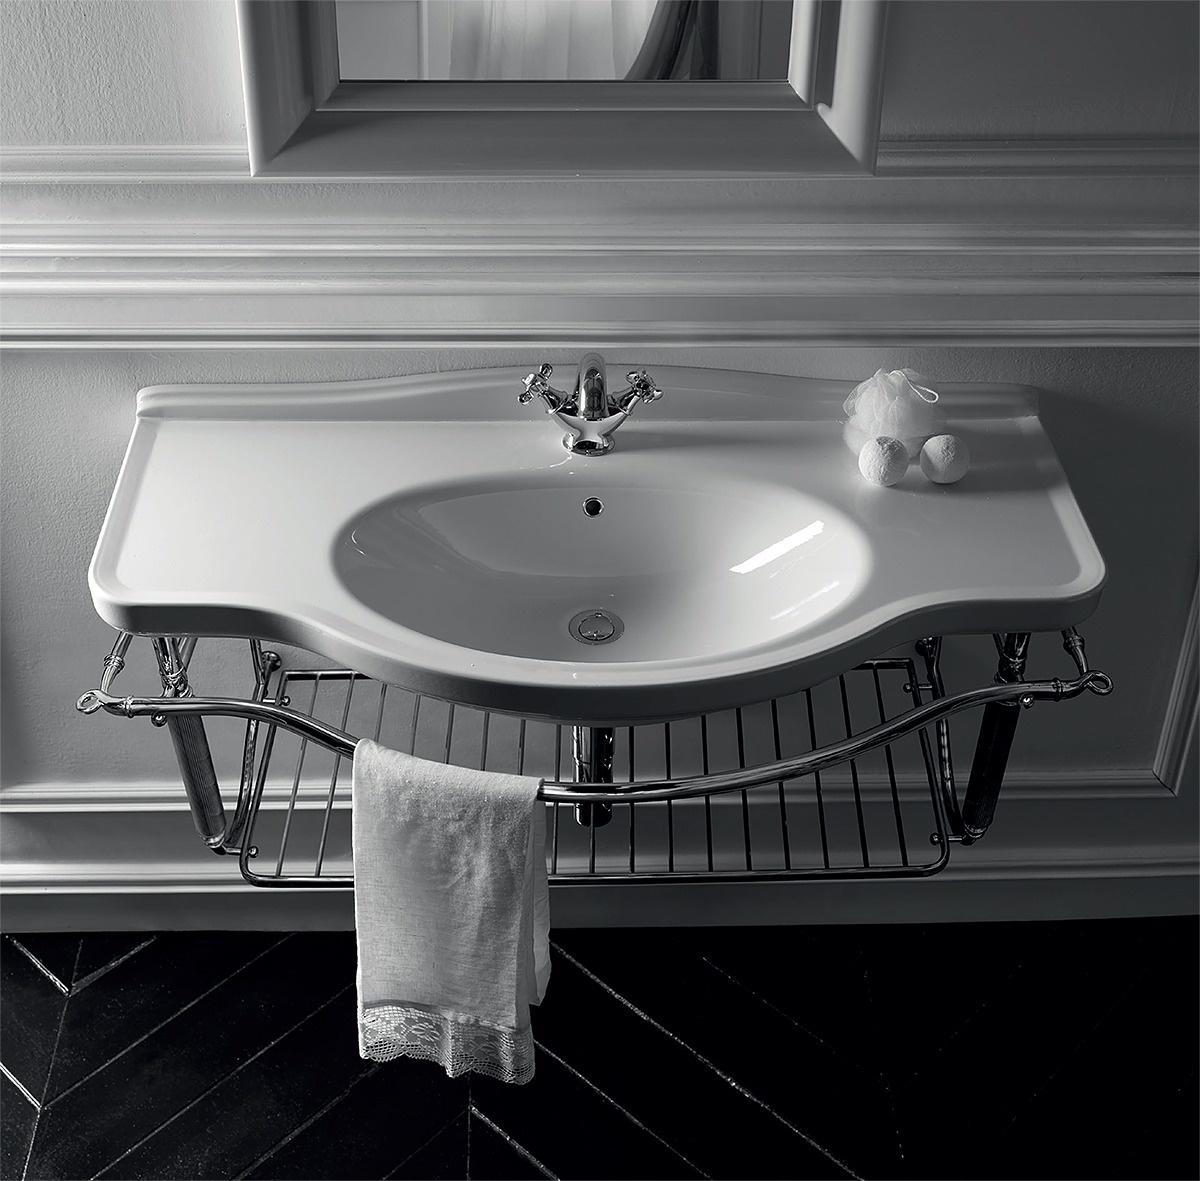 Раковины для ванной комнаты современные: Раковина в ванную комнату, рекомендации, 100+ фото —